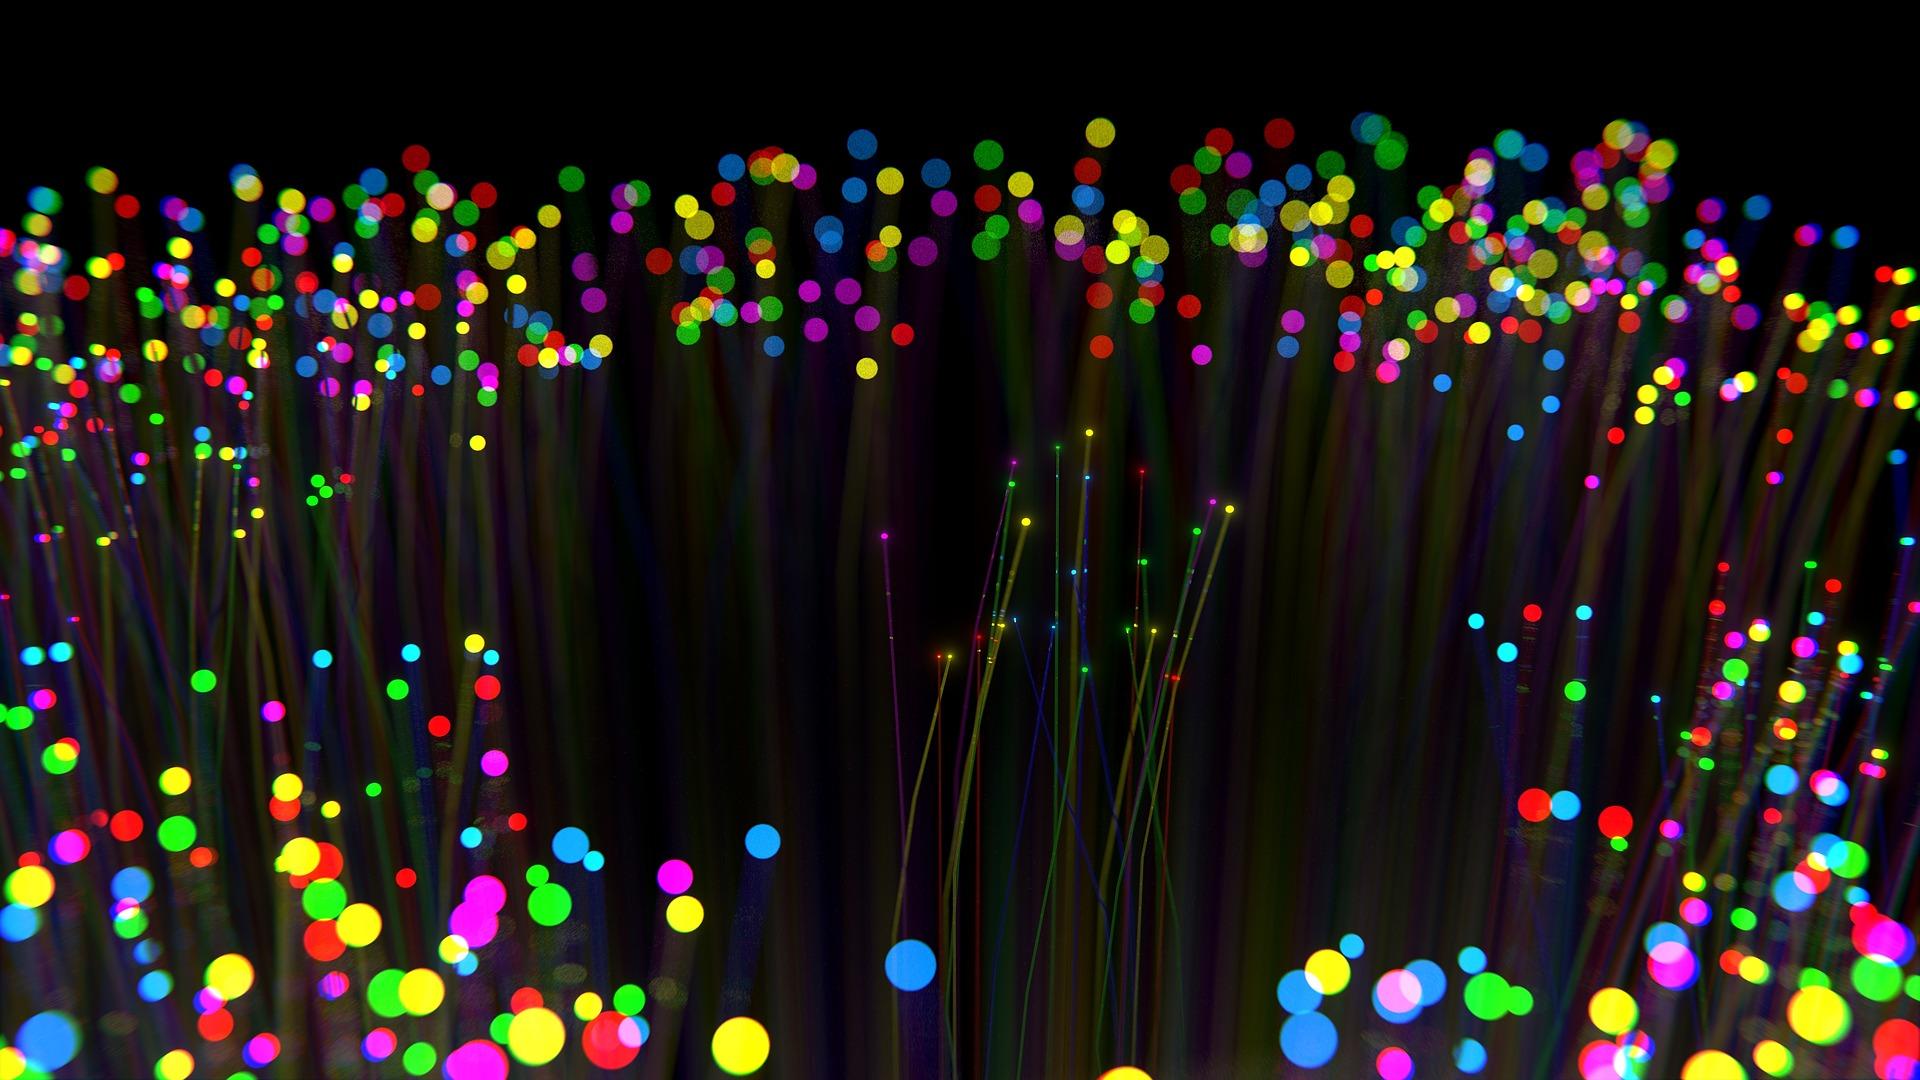 Uso de fibra óptica em organismos vivos, uma novidade e tanto.